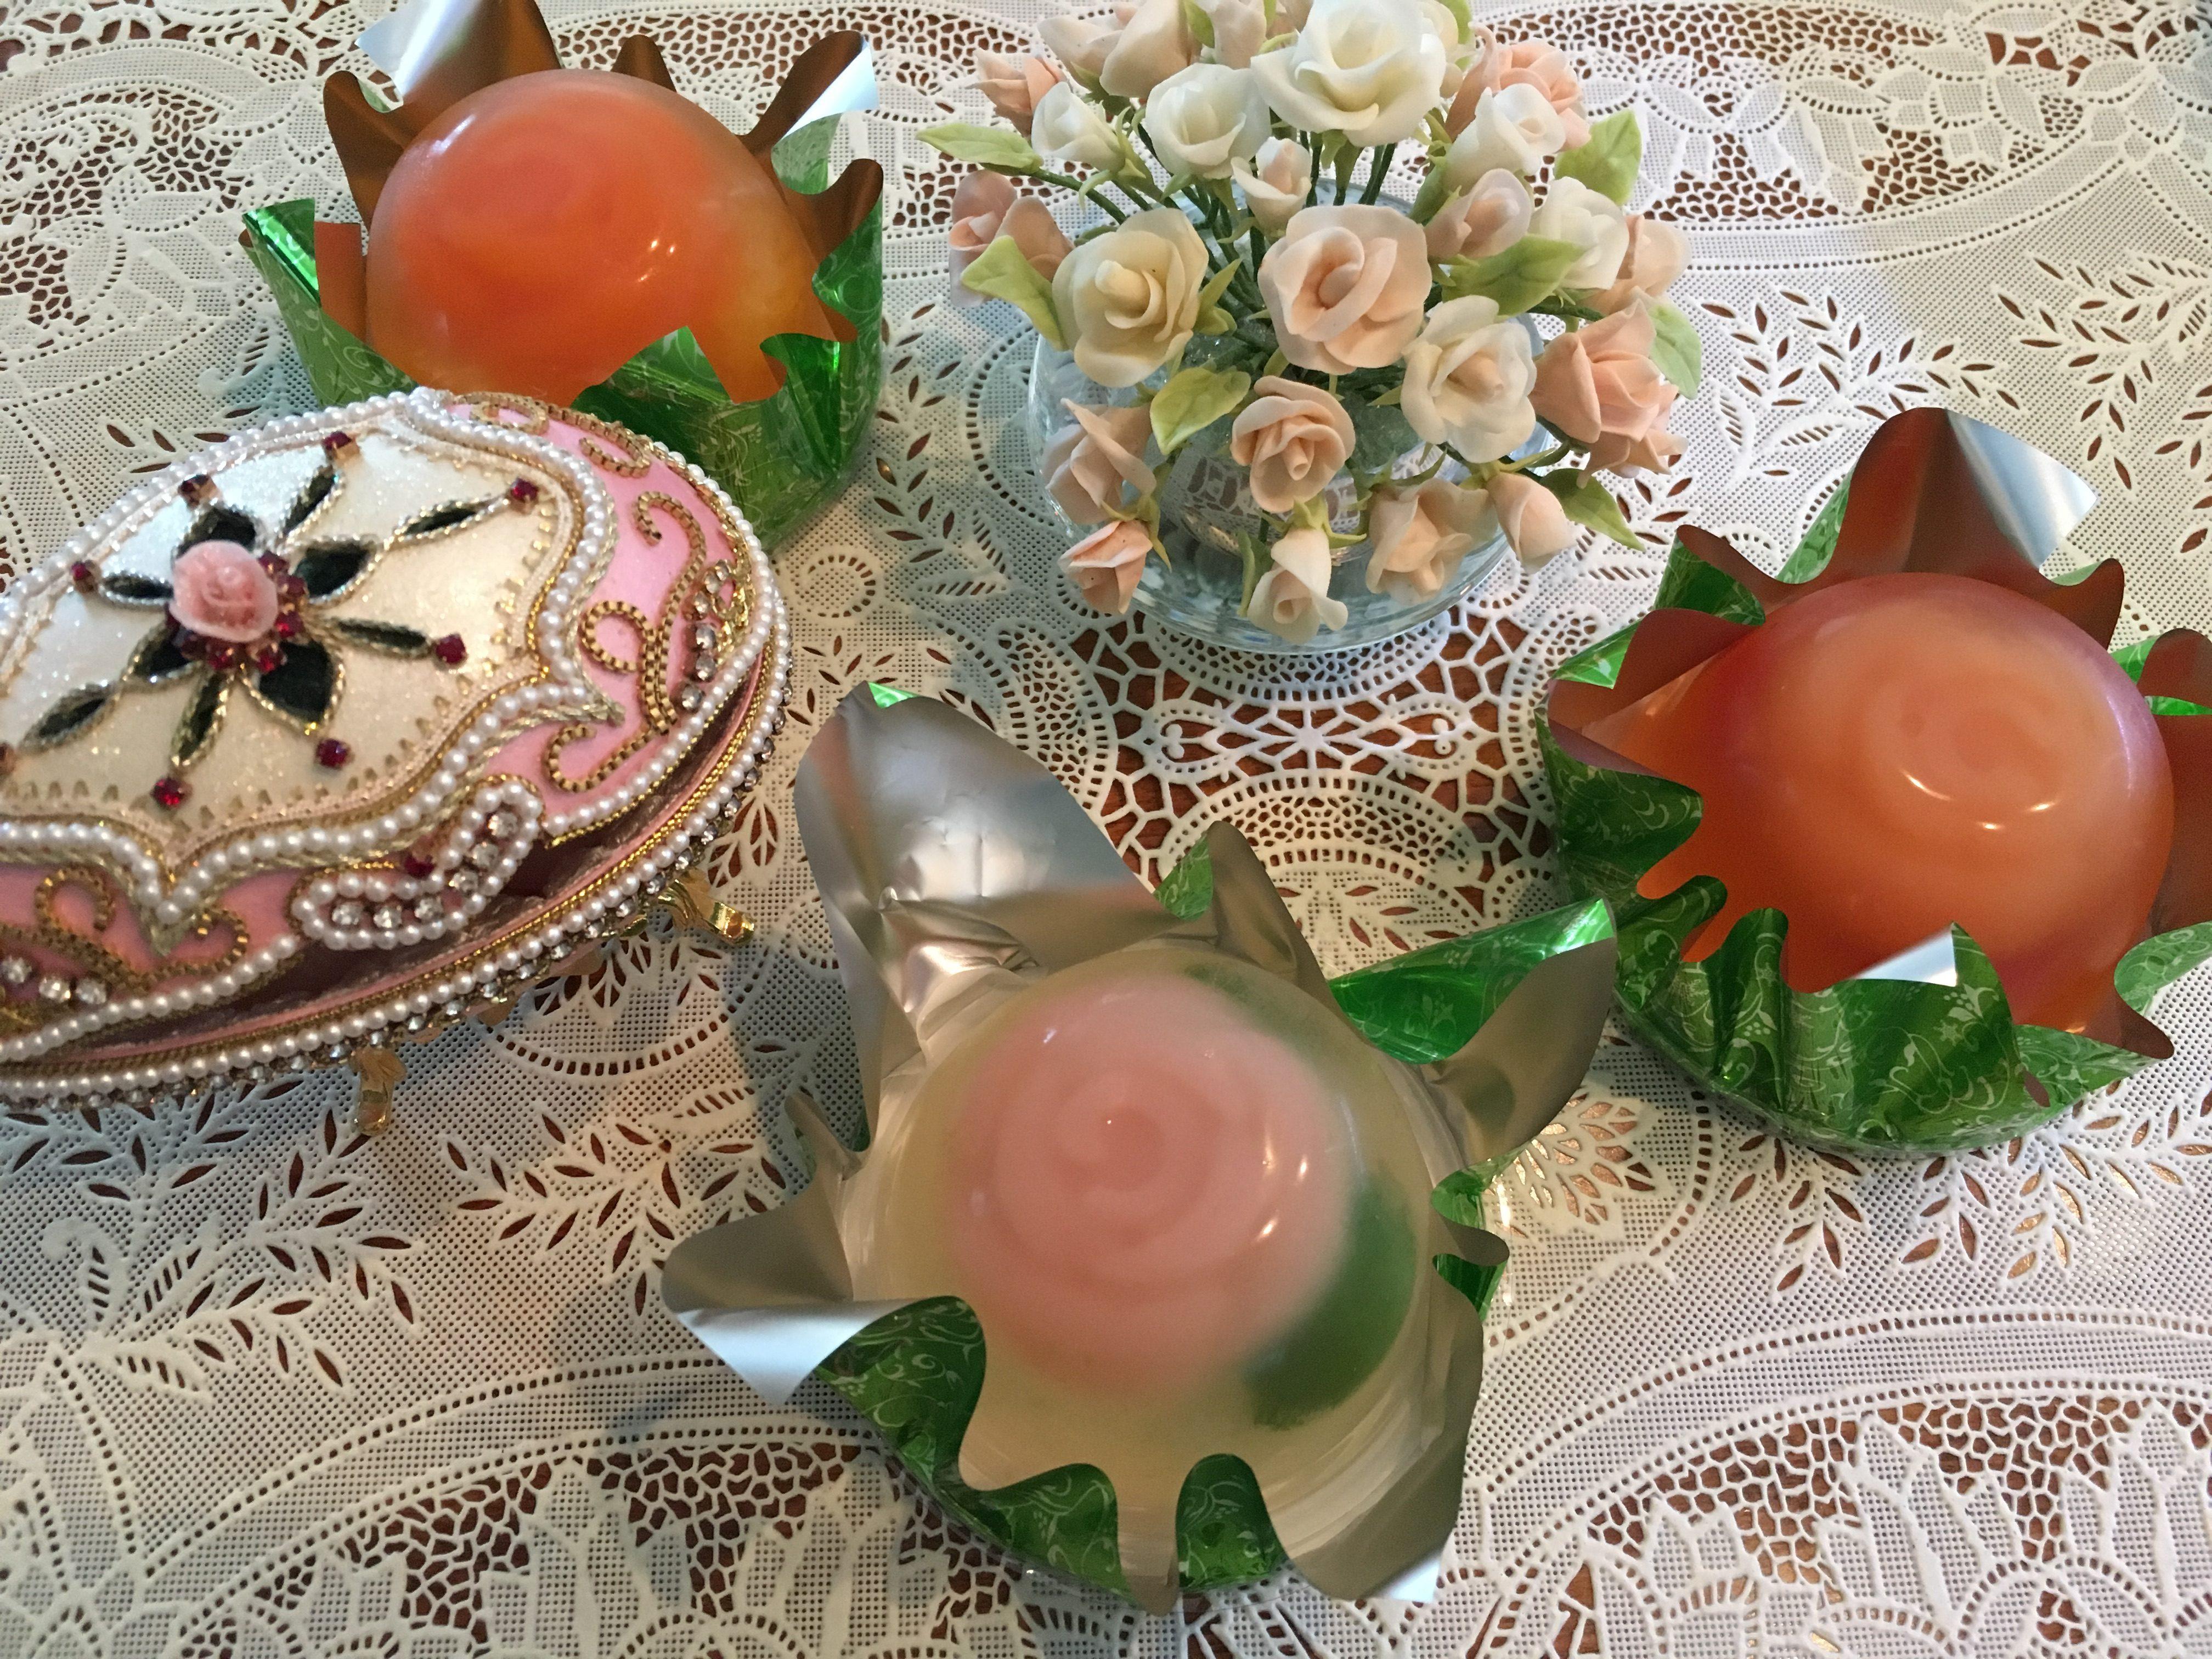 まさに食べる宝石!鹿鳴館のローズジュエルの美しさと美味さにうっとり!